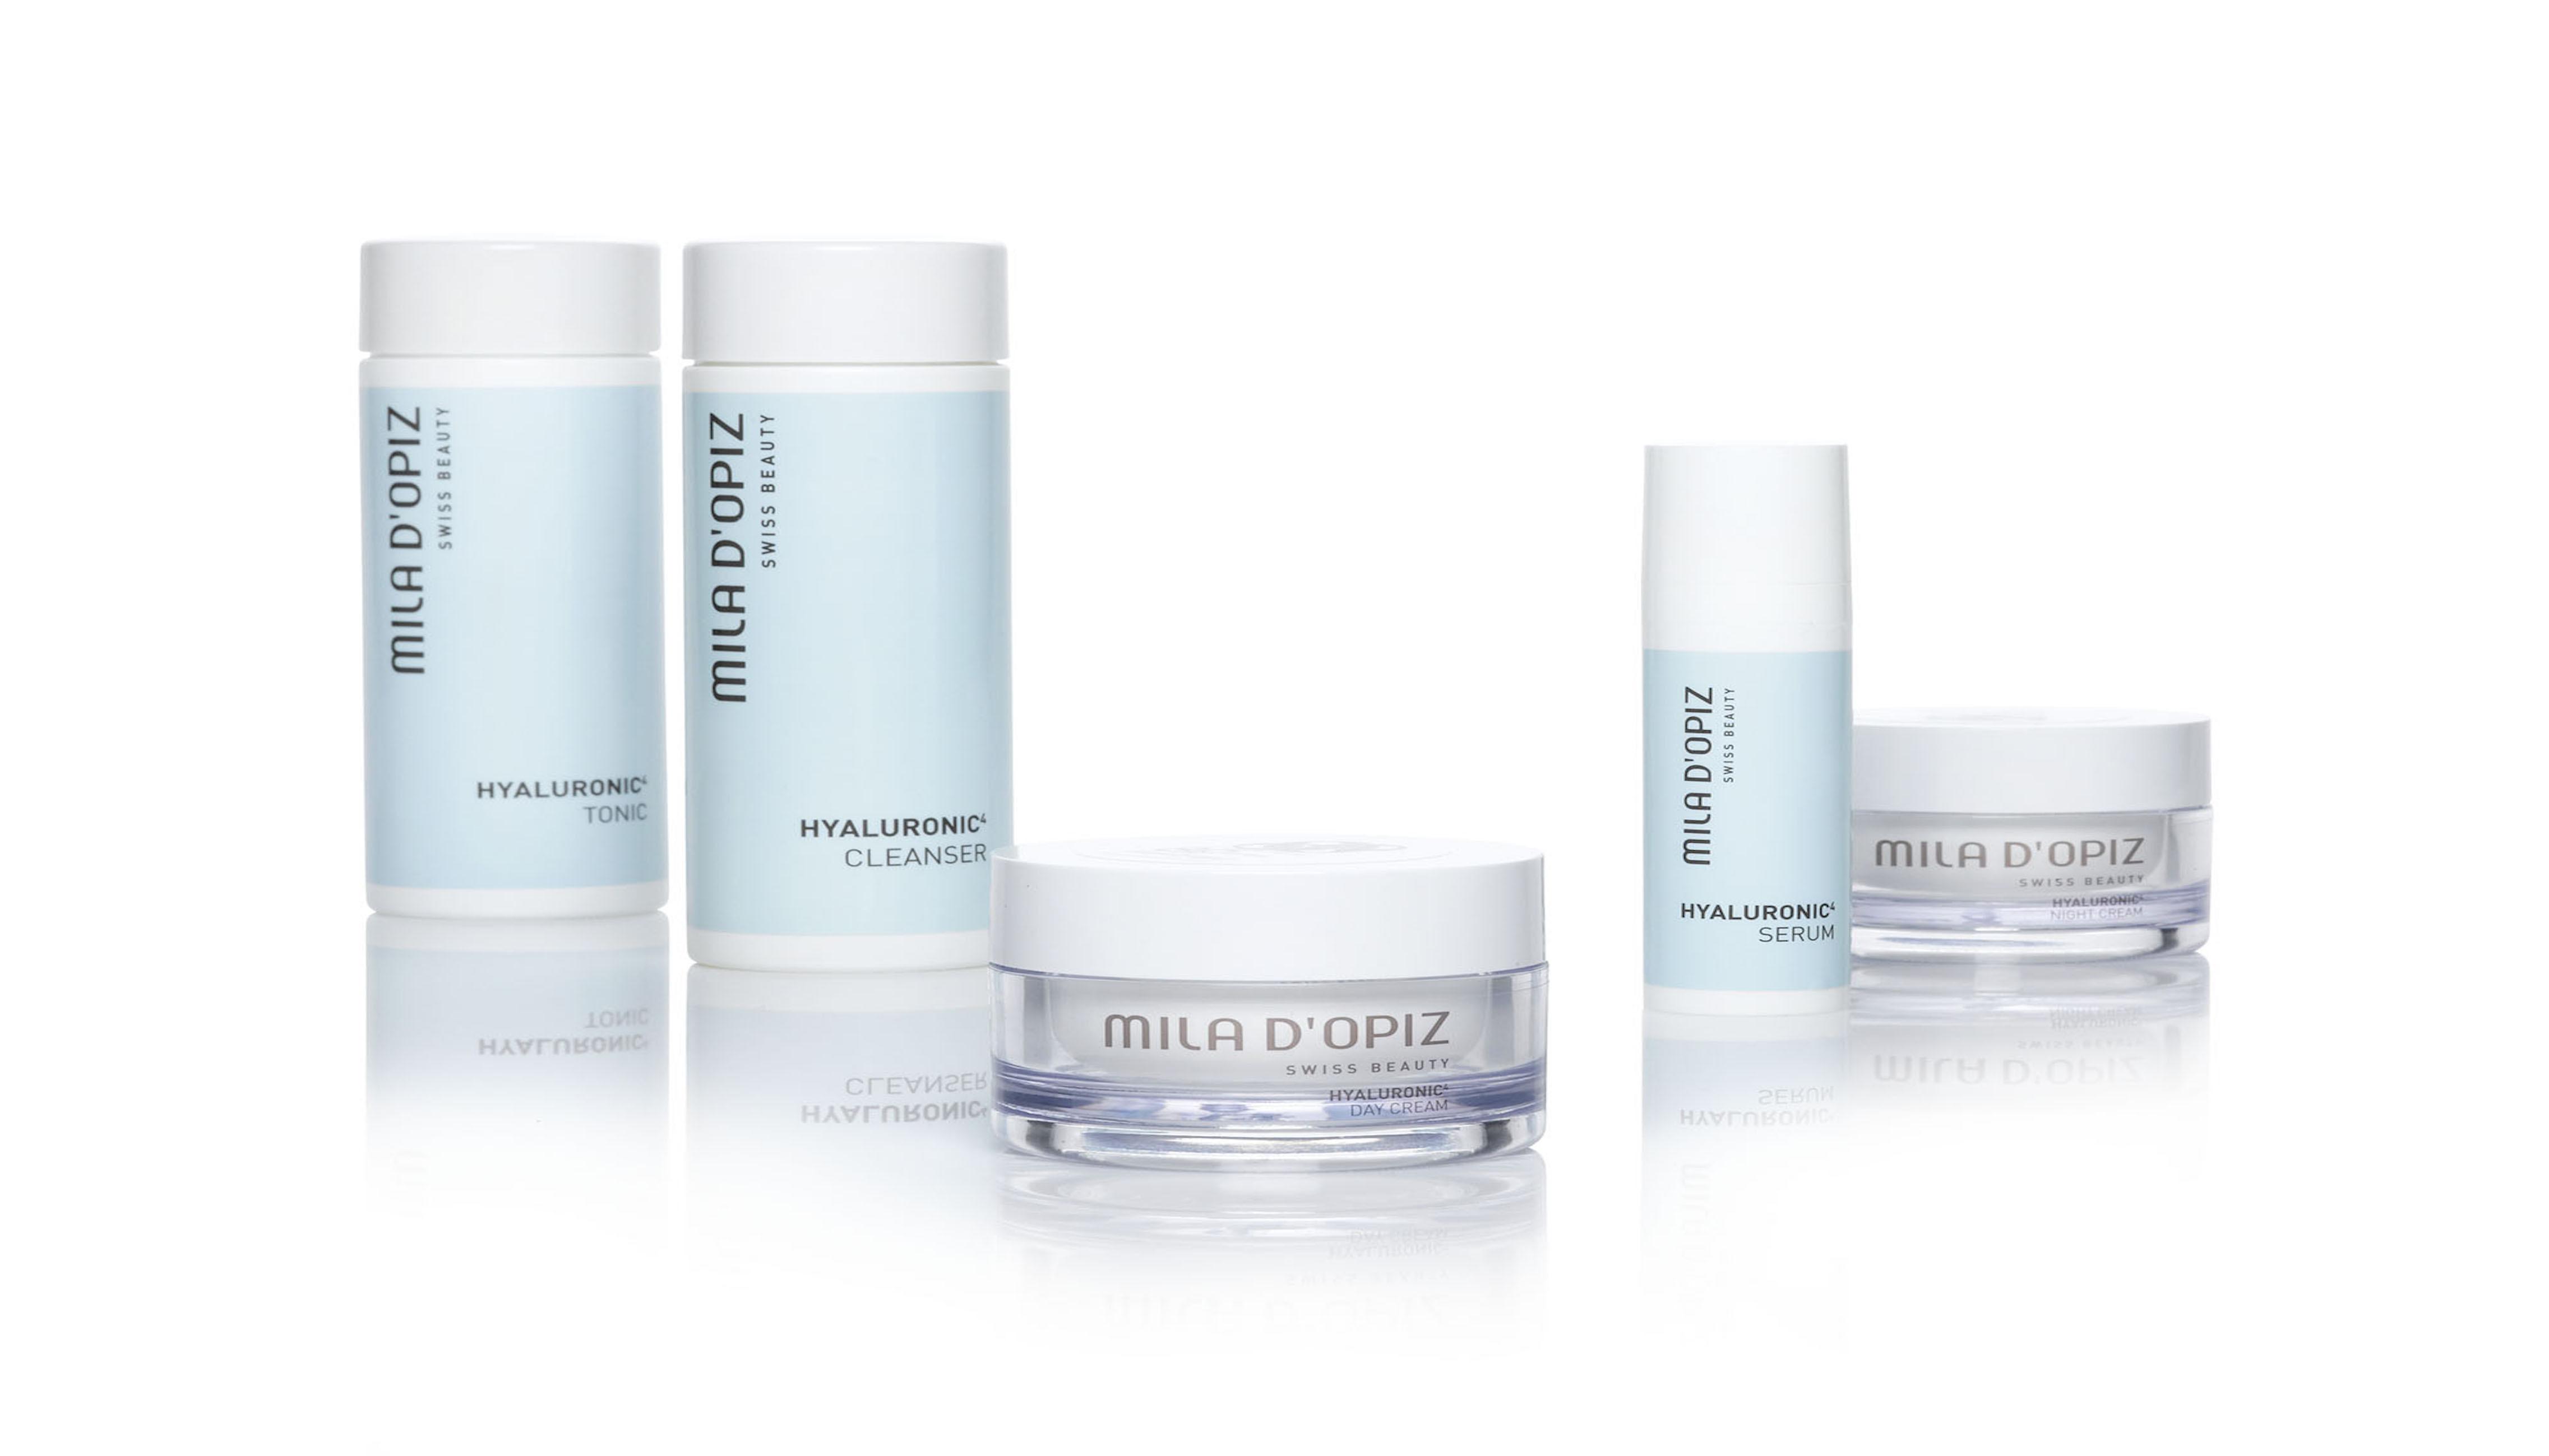 Hyaluronic4 termékek